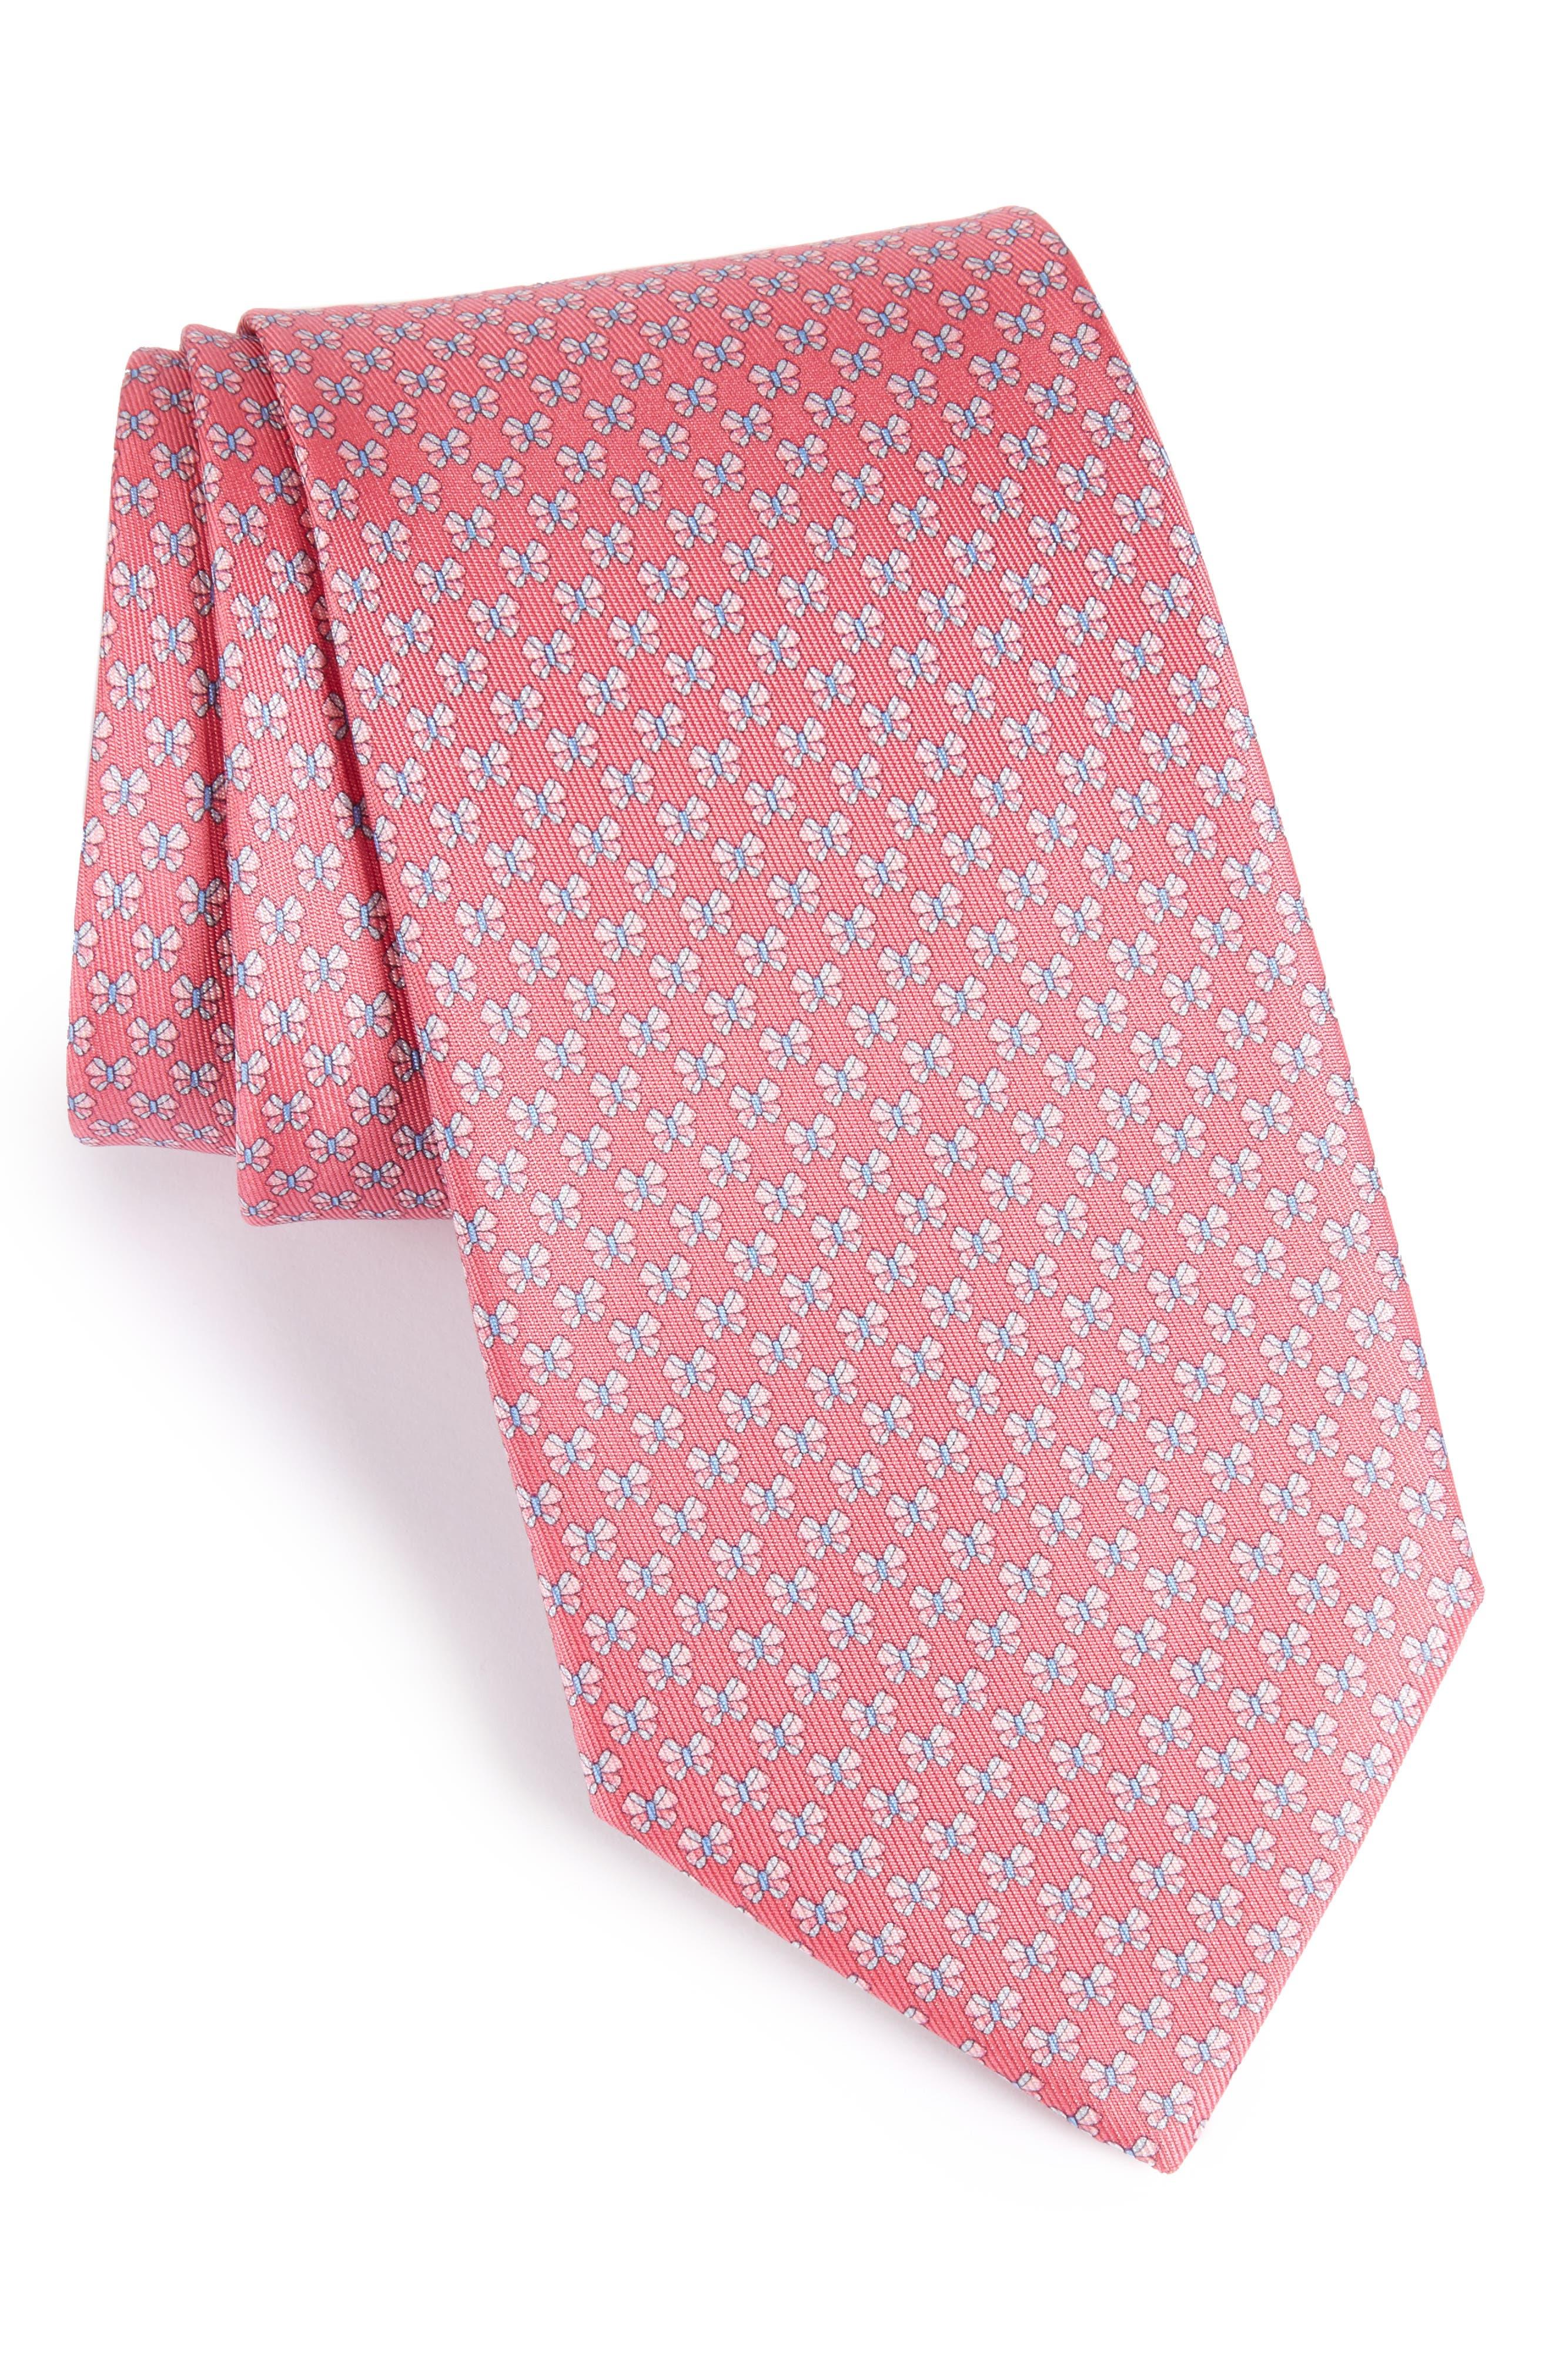 Salvatore Ferragamo Bow Print Silk Tie